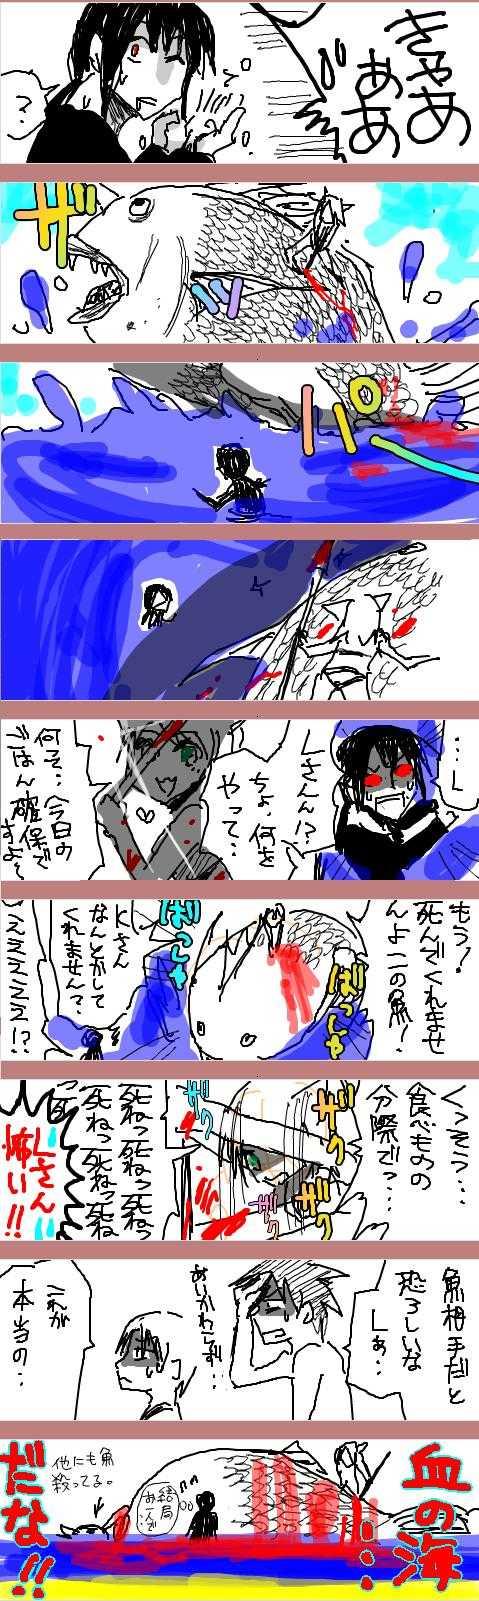 2011/8/26「夏らしいネタ」